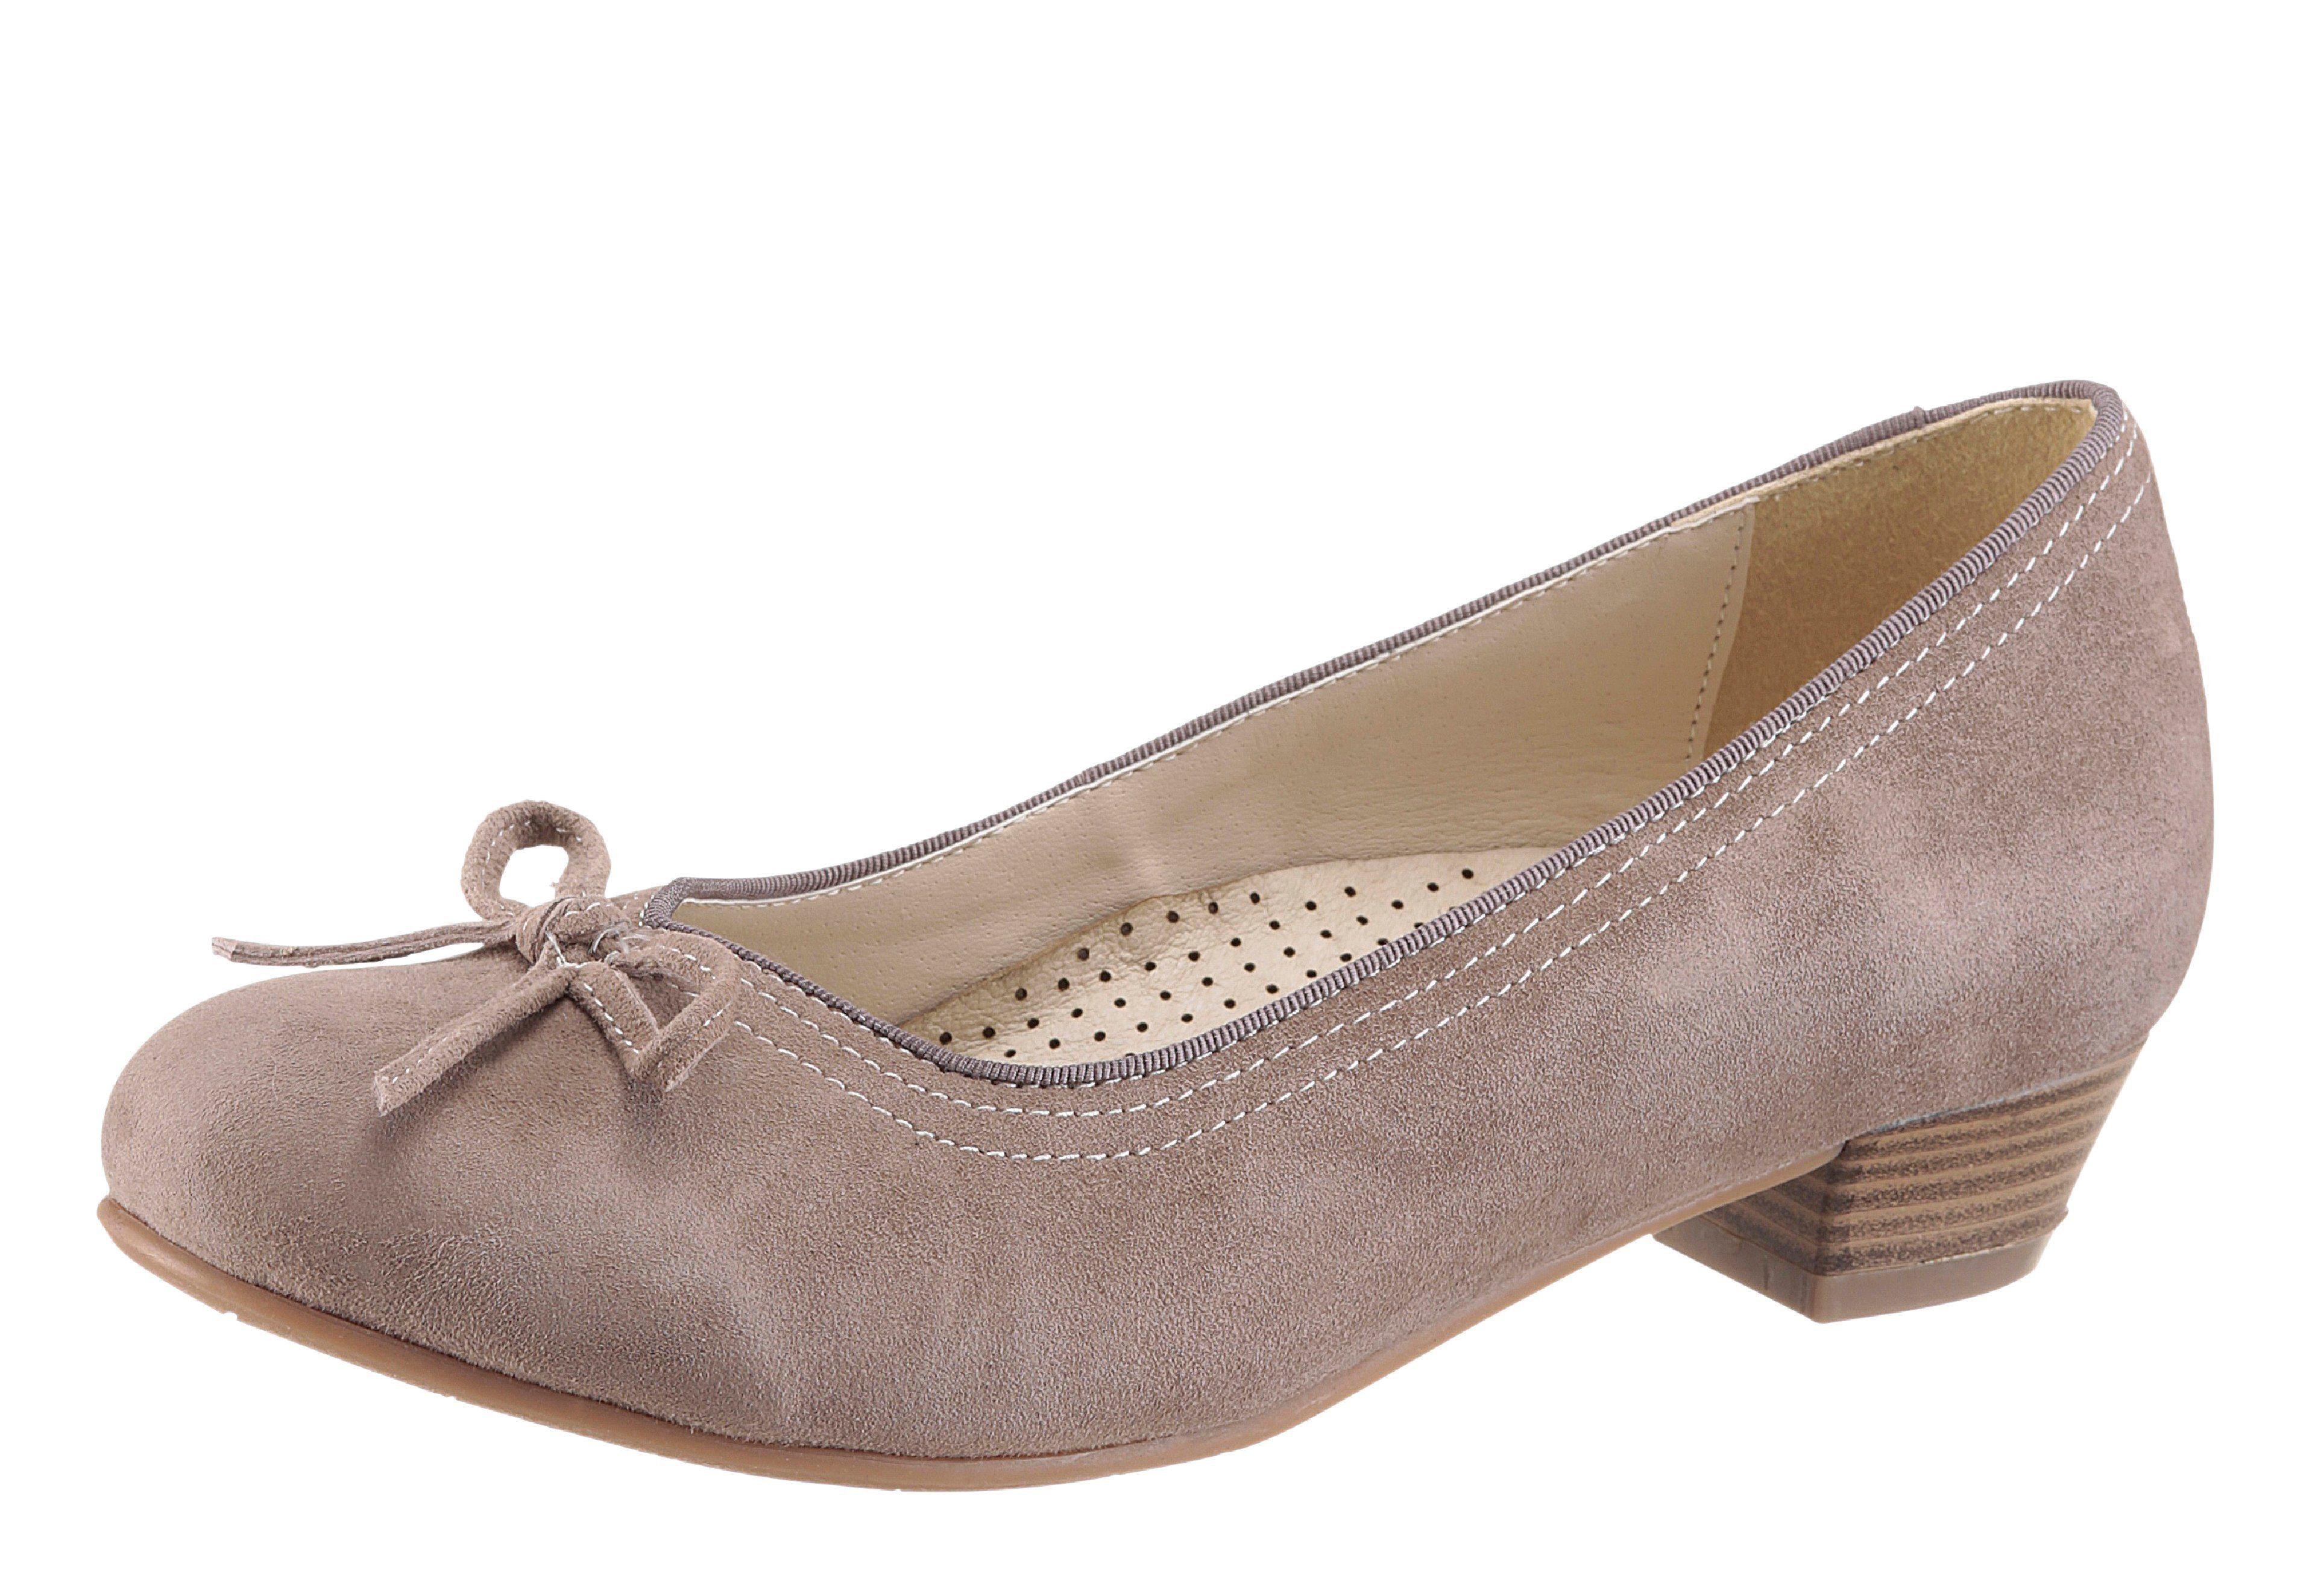 Hirsch Chaussures Femmes Balle Folkloriques Avec Arc LkqDD